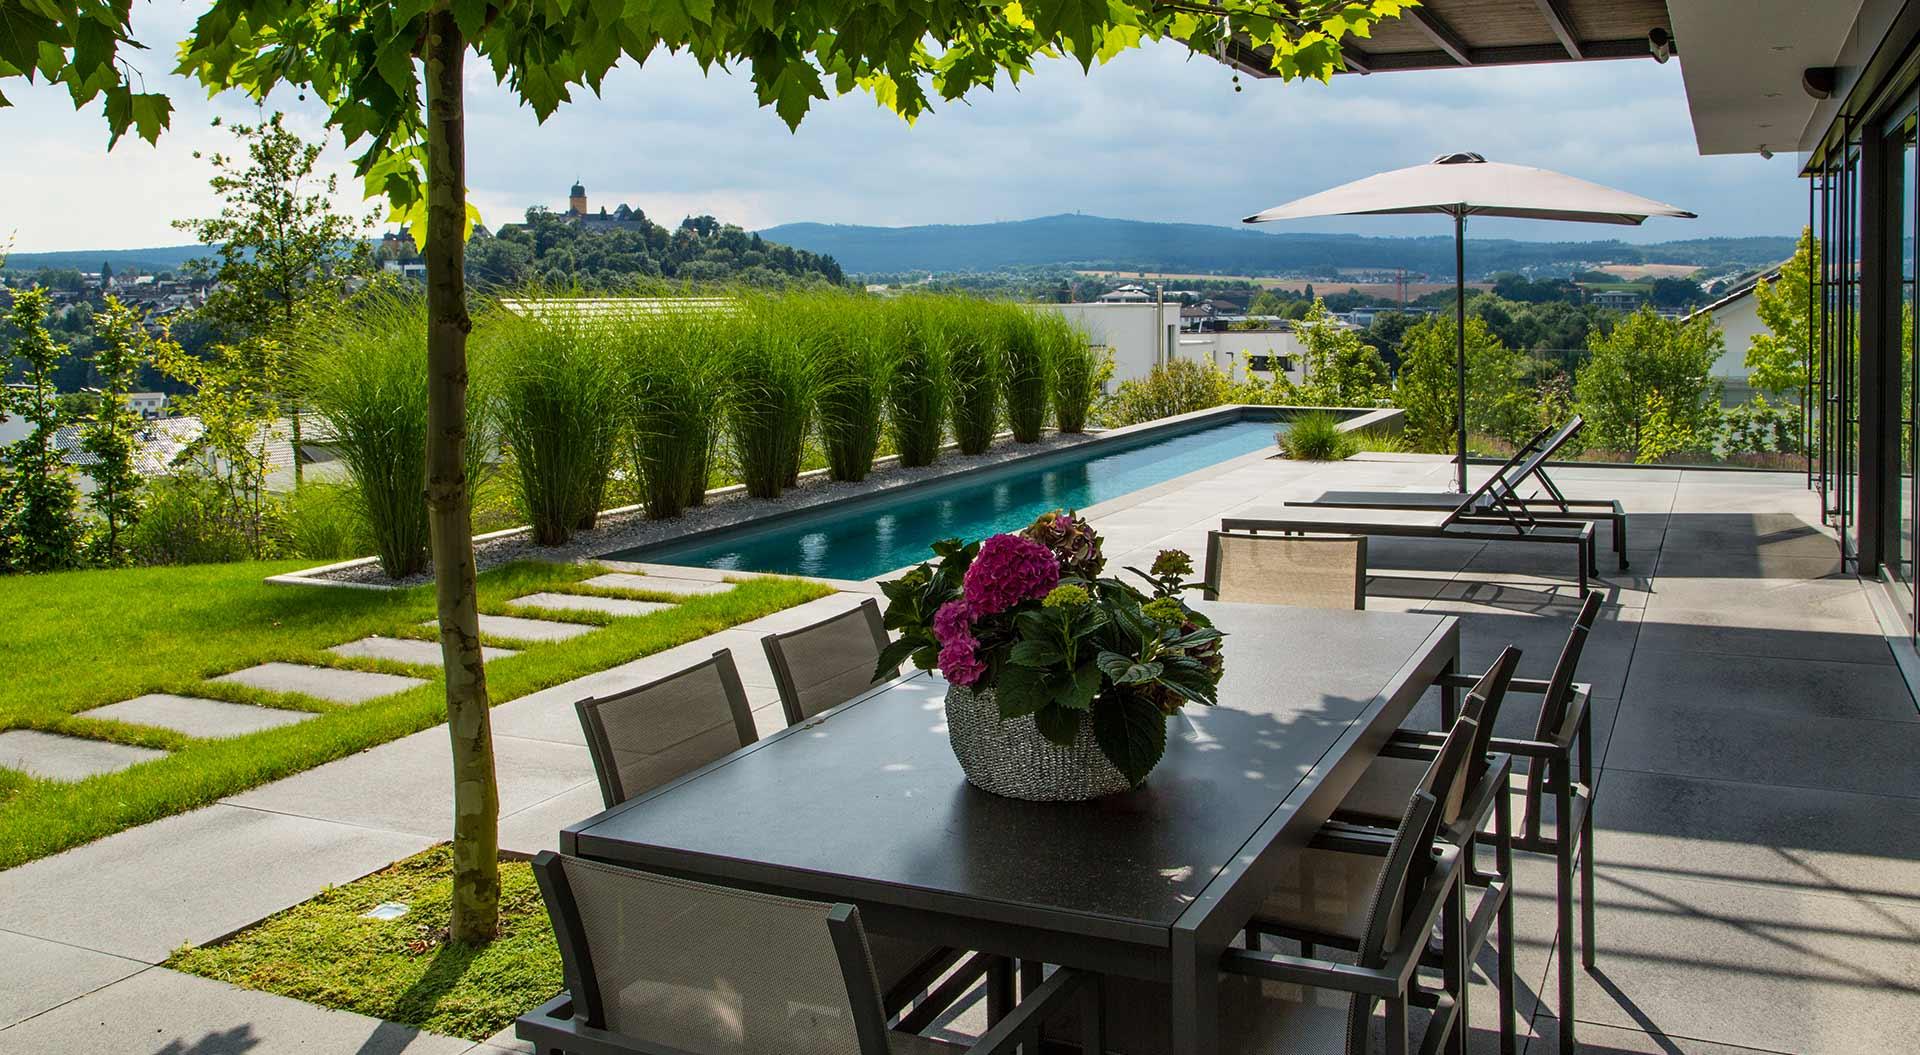 Terrasse neben Pool mit Fernblick